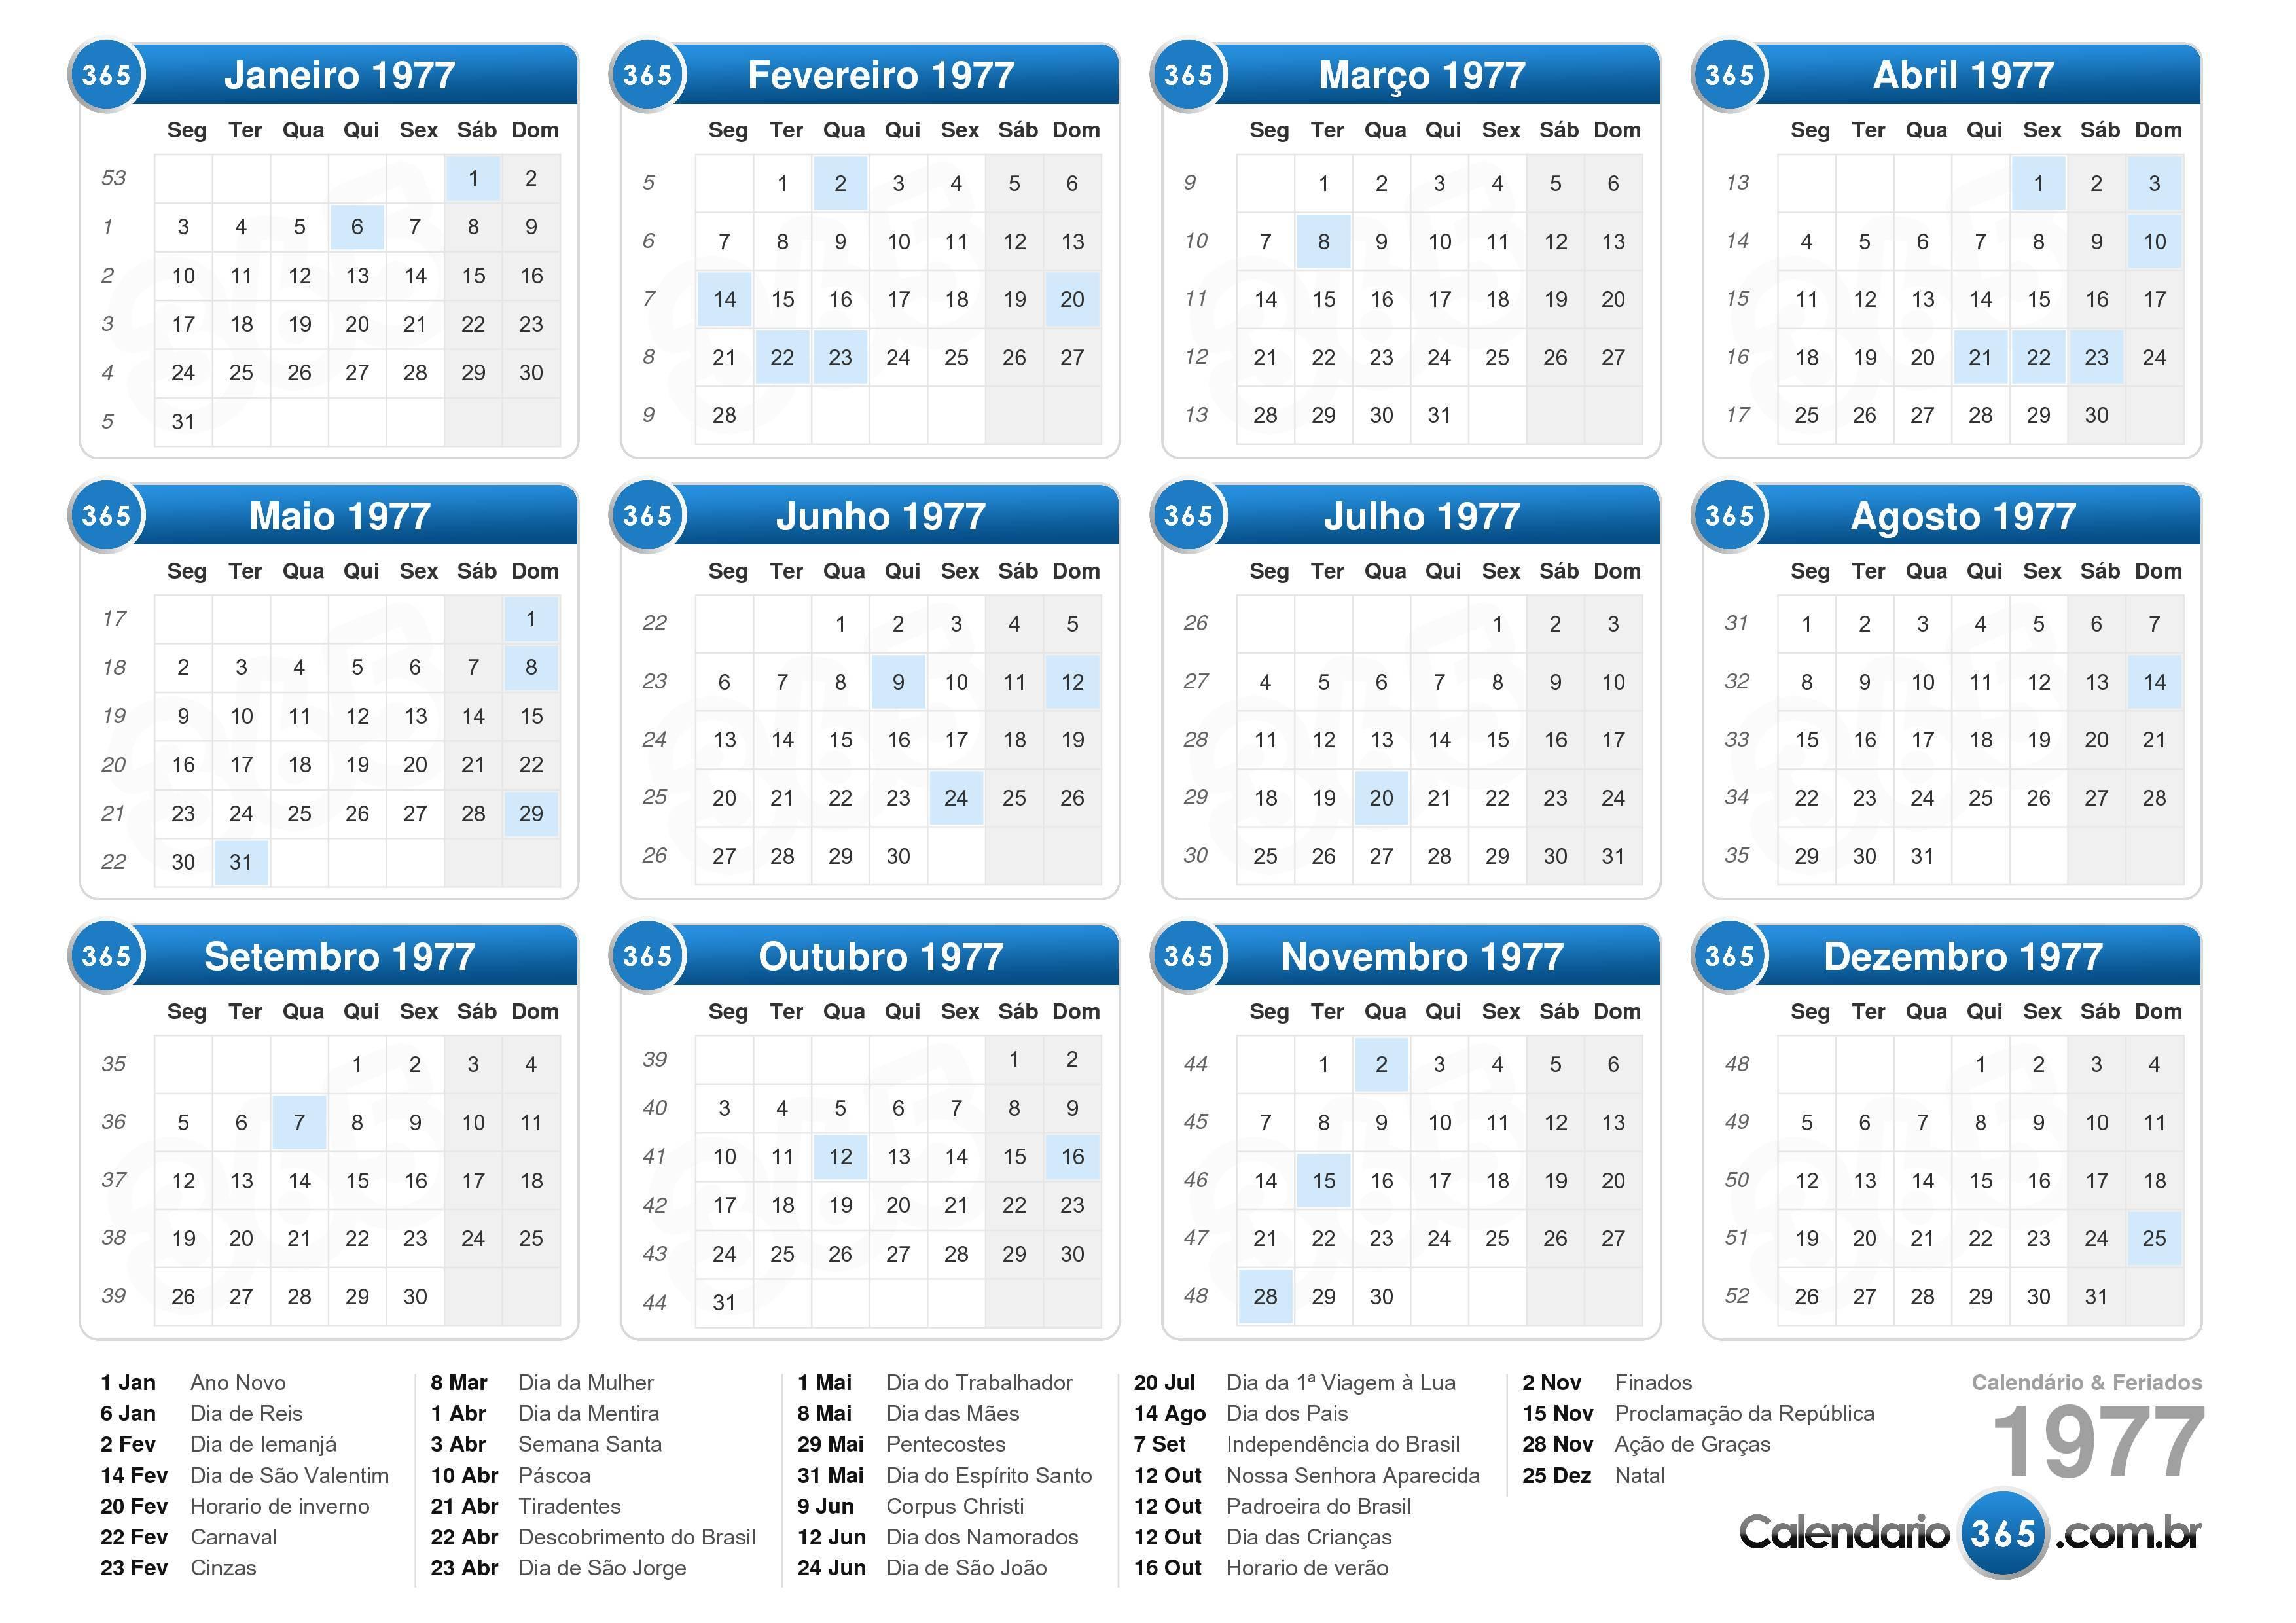 Calendario Ual.Calendario 1977